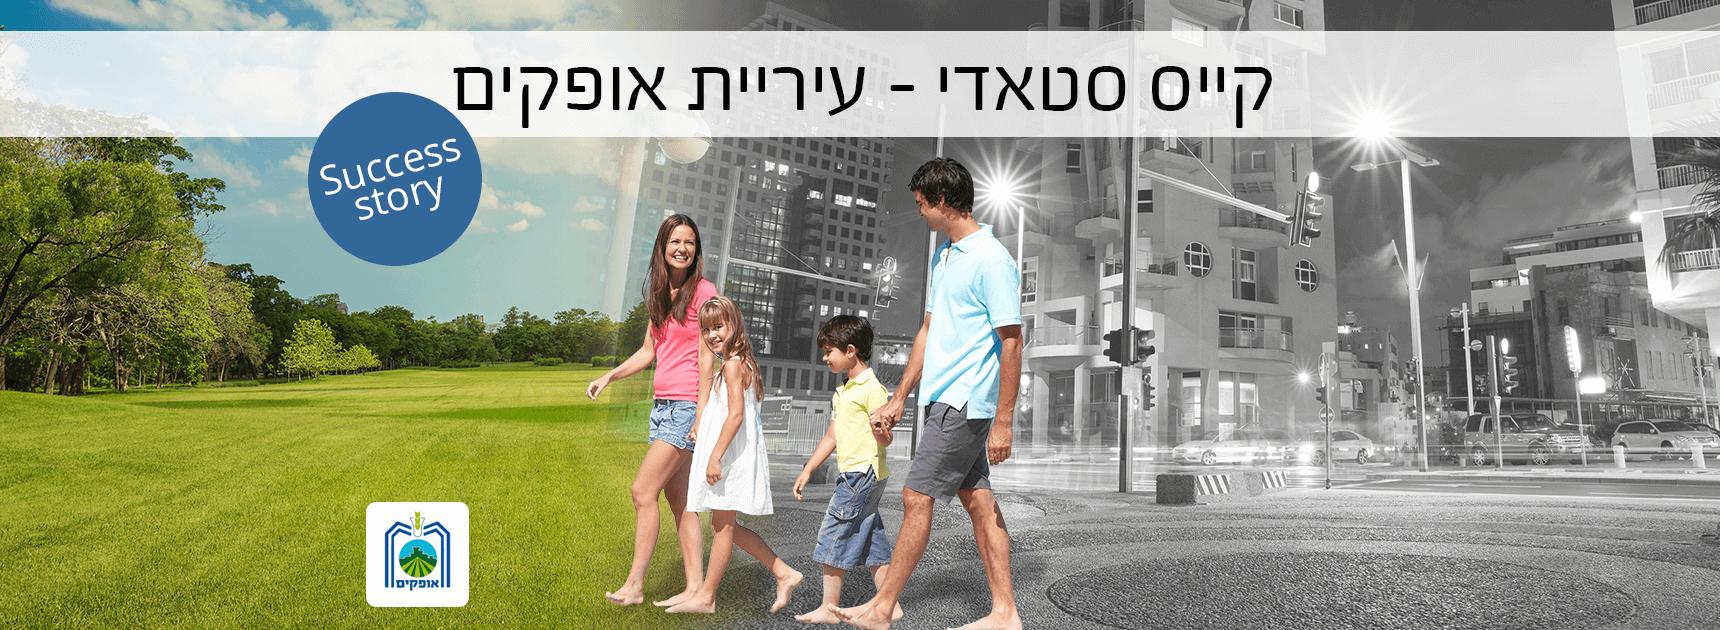 קייס סטאדי - עיריית אופקים